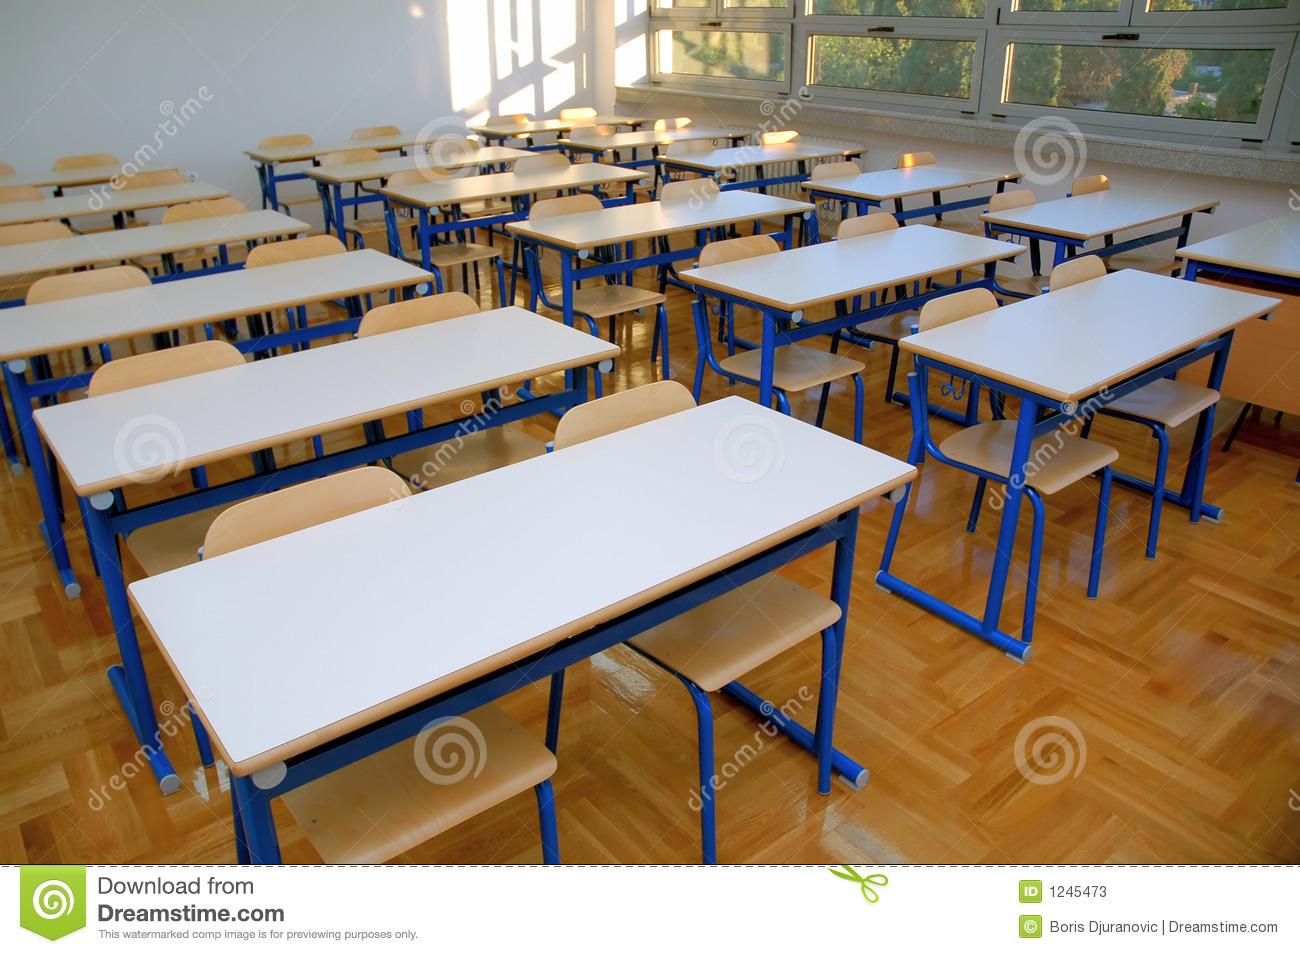 Classroom tables clipart.